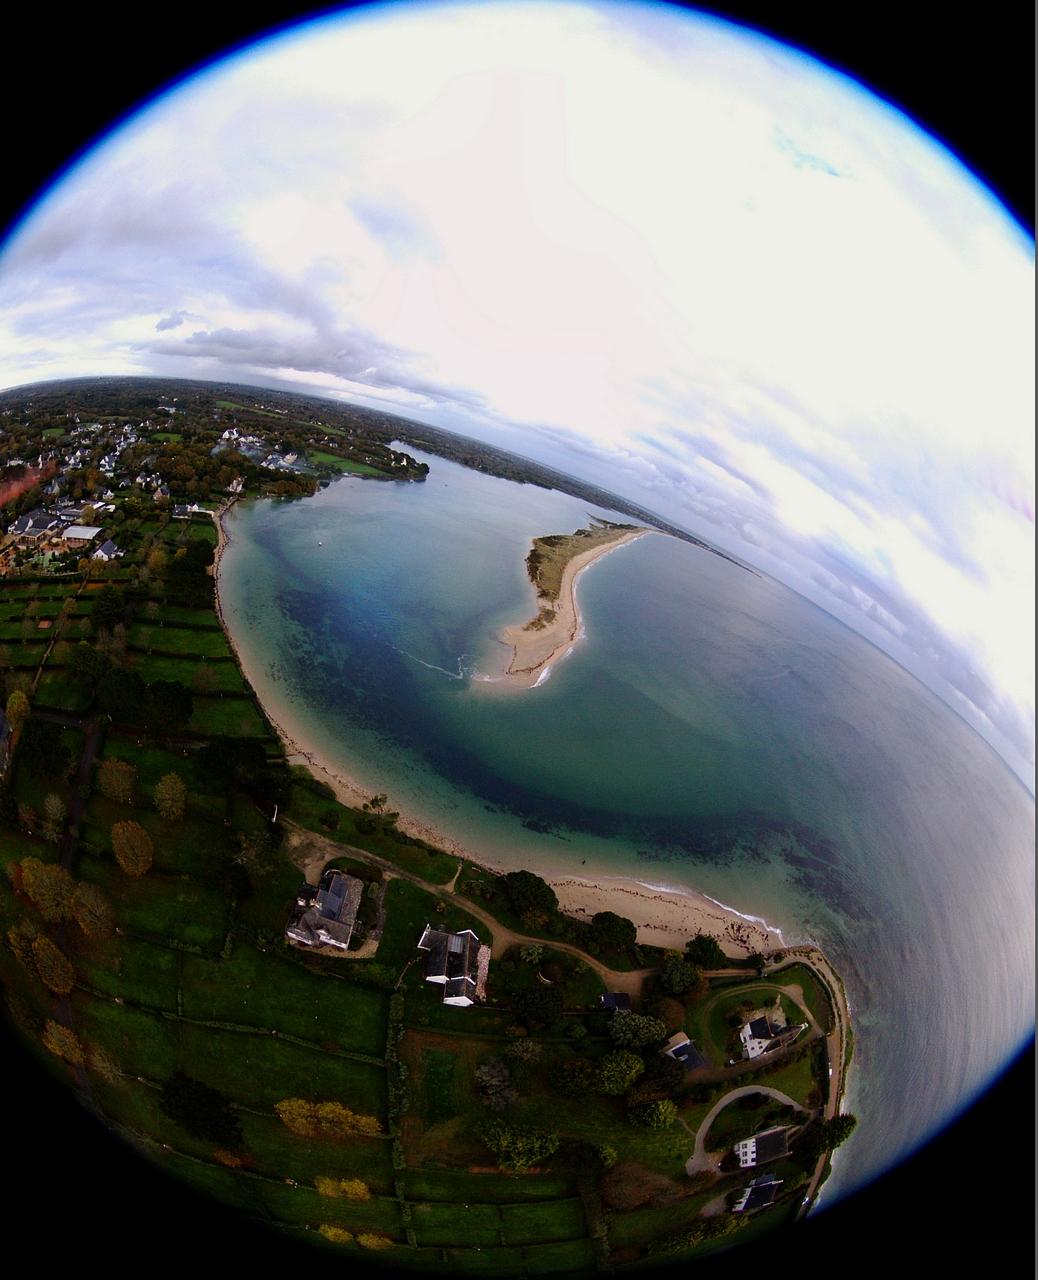 grandes marées vues du ciel 943238Bebop22017110416434001001